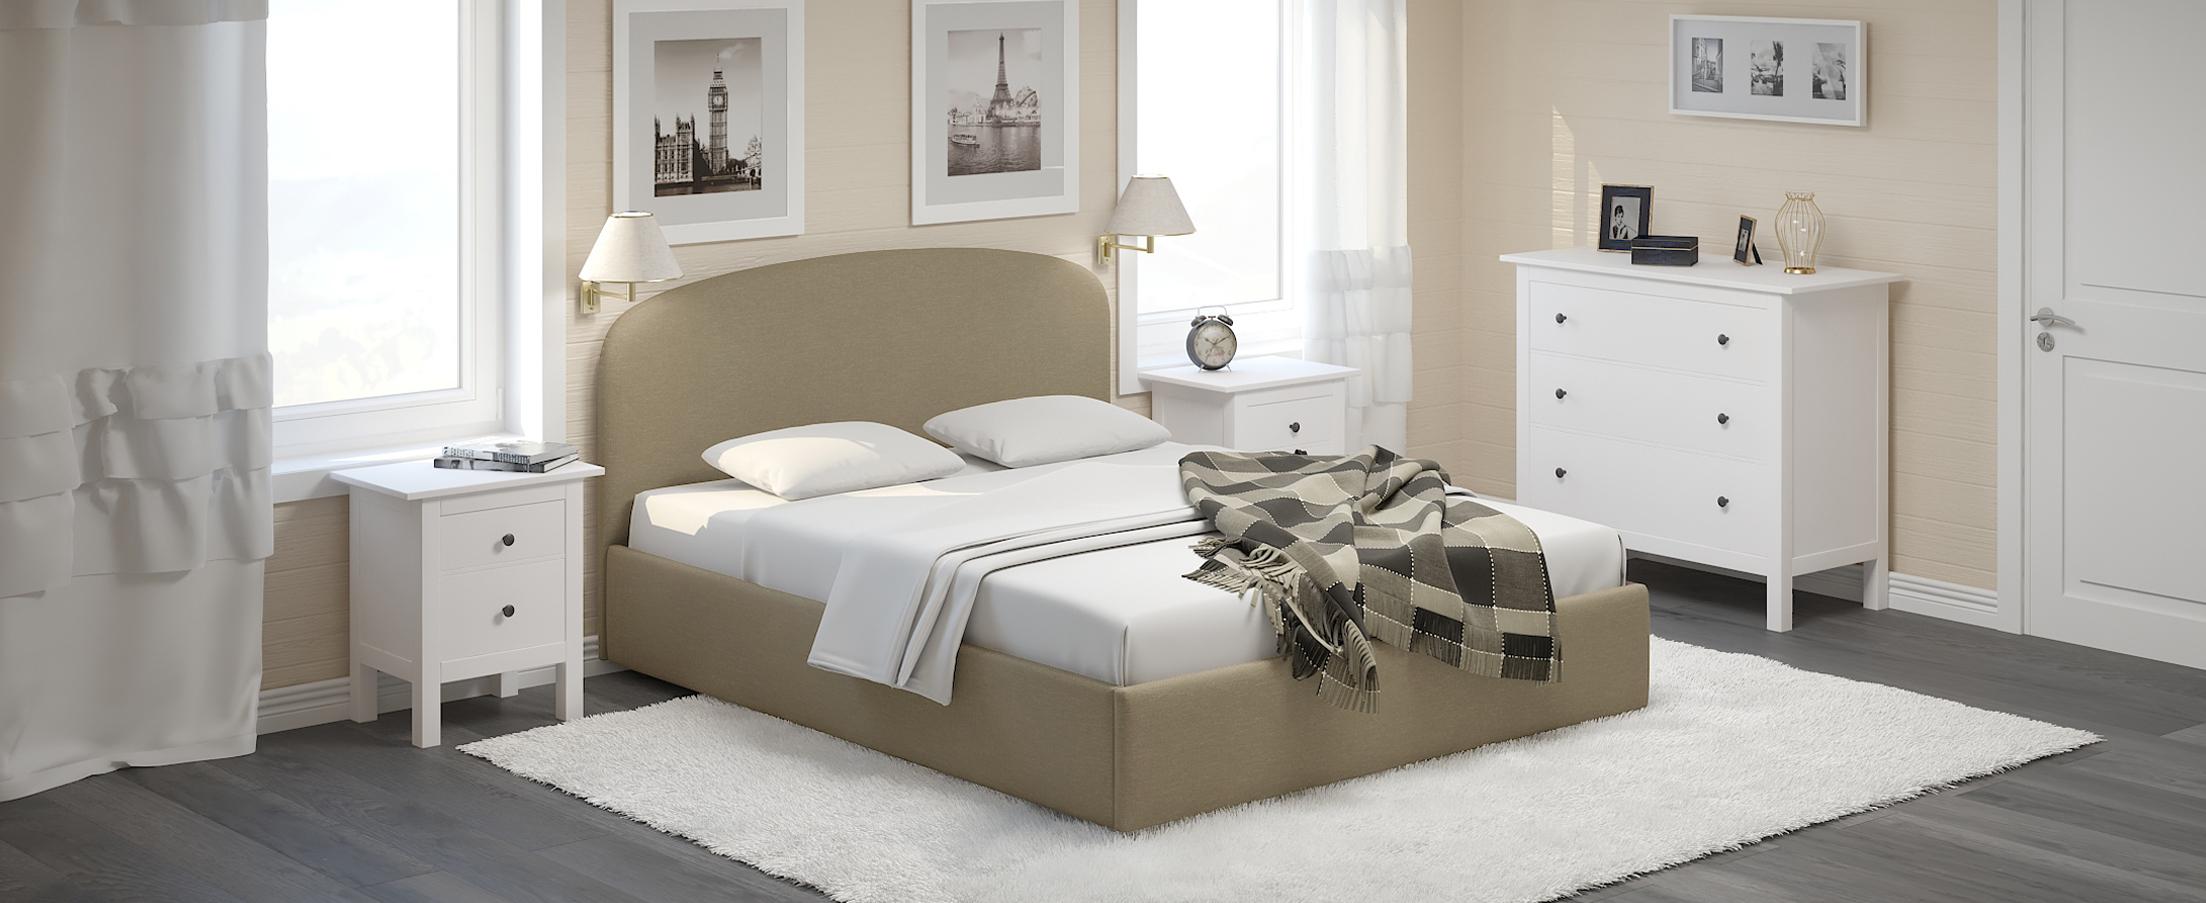 Кровать двуспальная Лия 160х200 Модель 1205Кровать Лия – воплощение мягкости, простора и удобства. Воздушность формы, изящно изогнутая спинка и оригинальный кант на изголовье подчеркнут стиль вашей комнаты.<br><br>Ширина спального места см: 160<br>Глубина спального места см: 200<br>Ширина см: 168<br>Глубина см: 210<br>Высота см: 105<br>Встроенное основание: Есть<br>Материал каркаса: ЛДСП<br>Материал обивки: Шенилл<br>Подъемный механизм: Нет<br>Цвет: Бежевый<br>Код ткани: 65-53